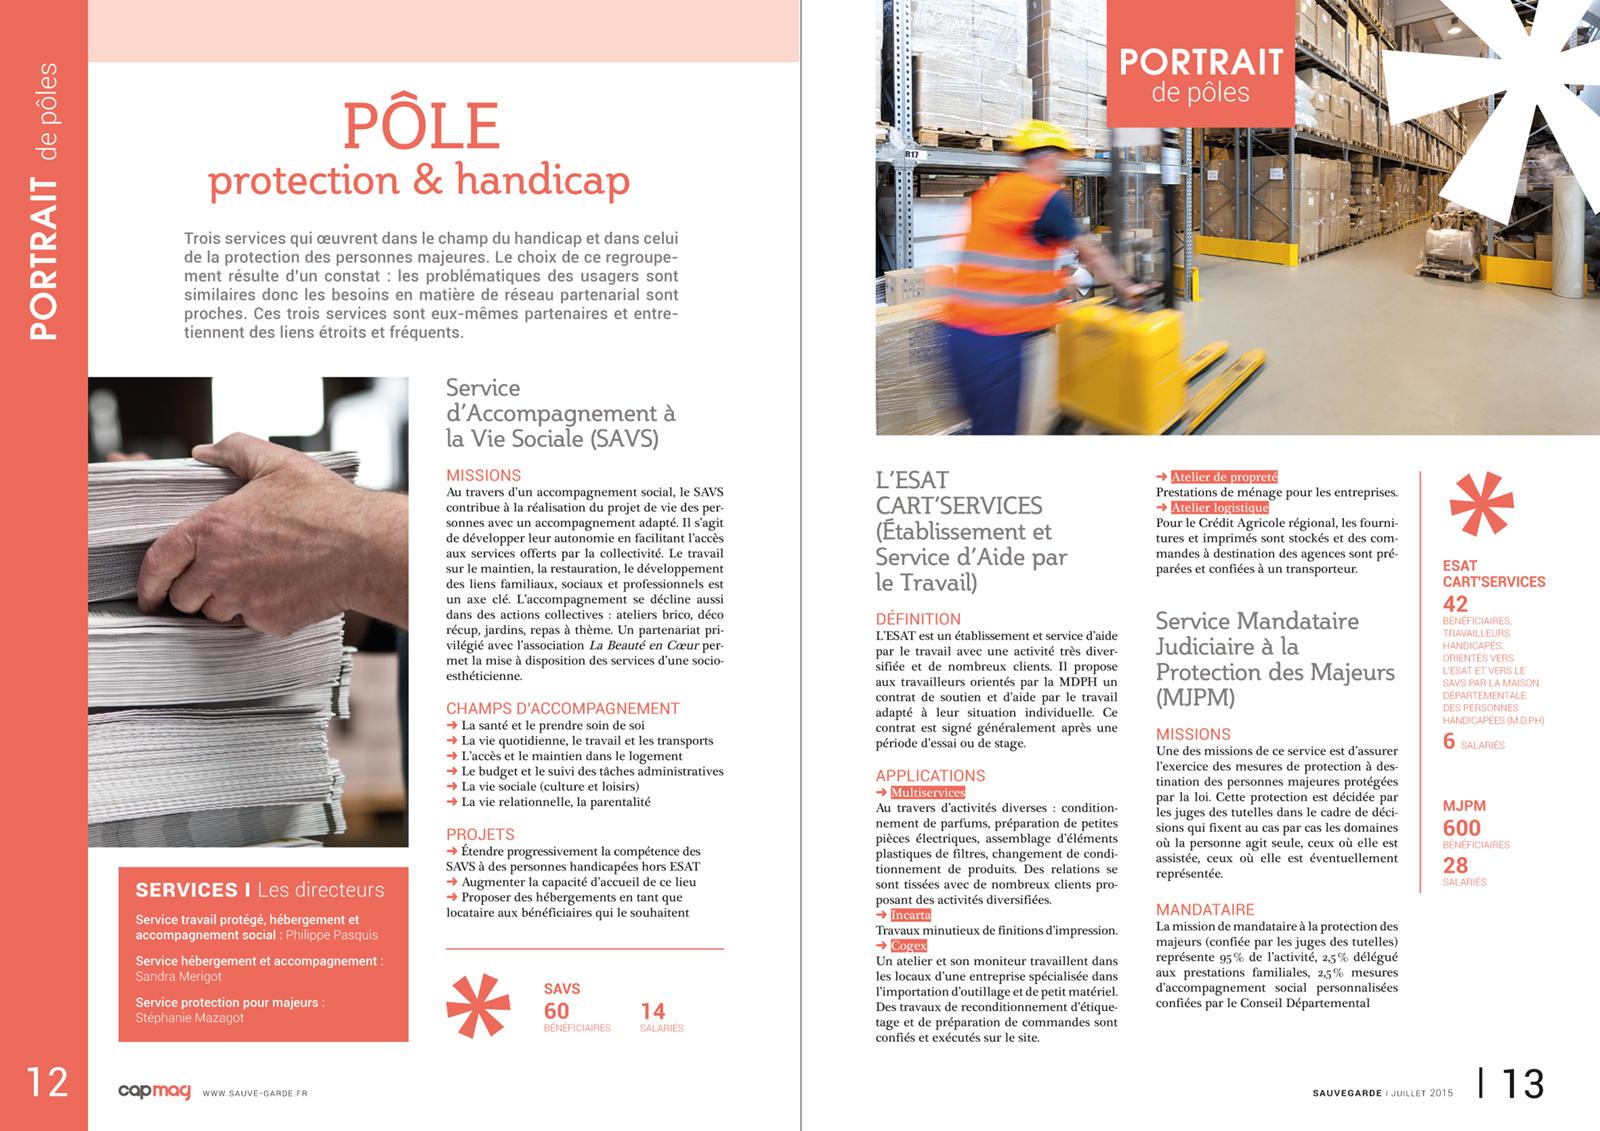 association sauvegarde47 magazine communication understüd